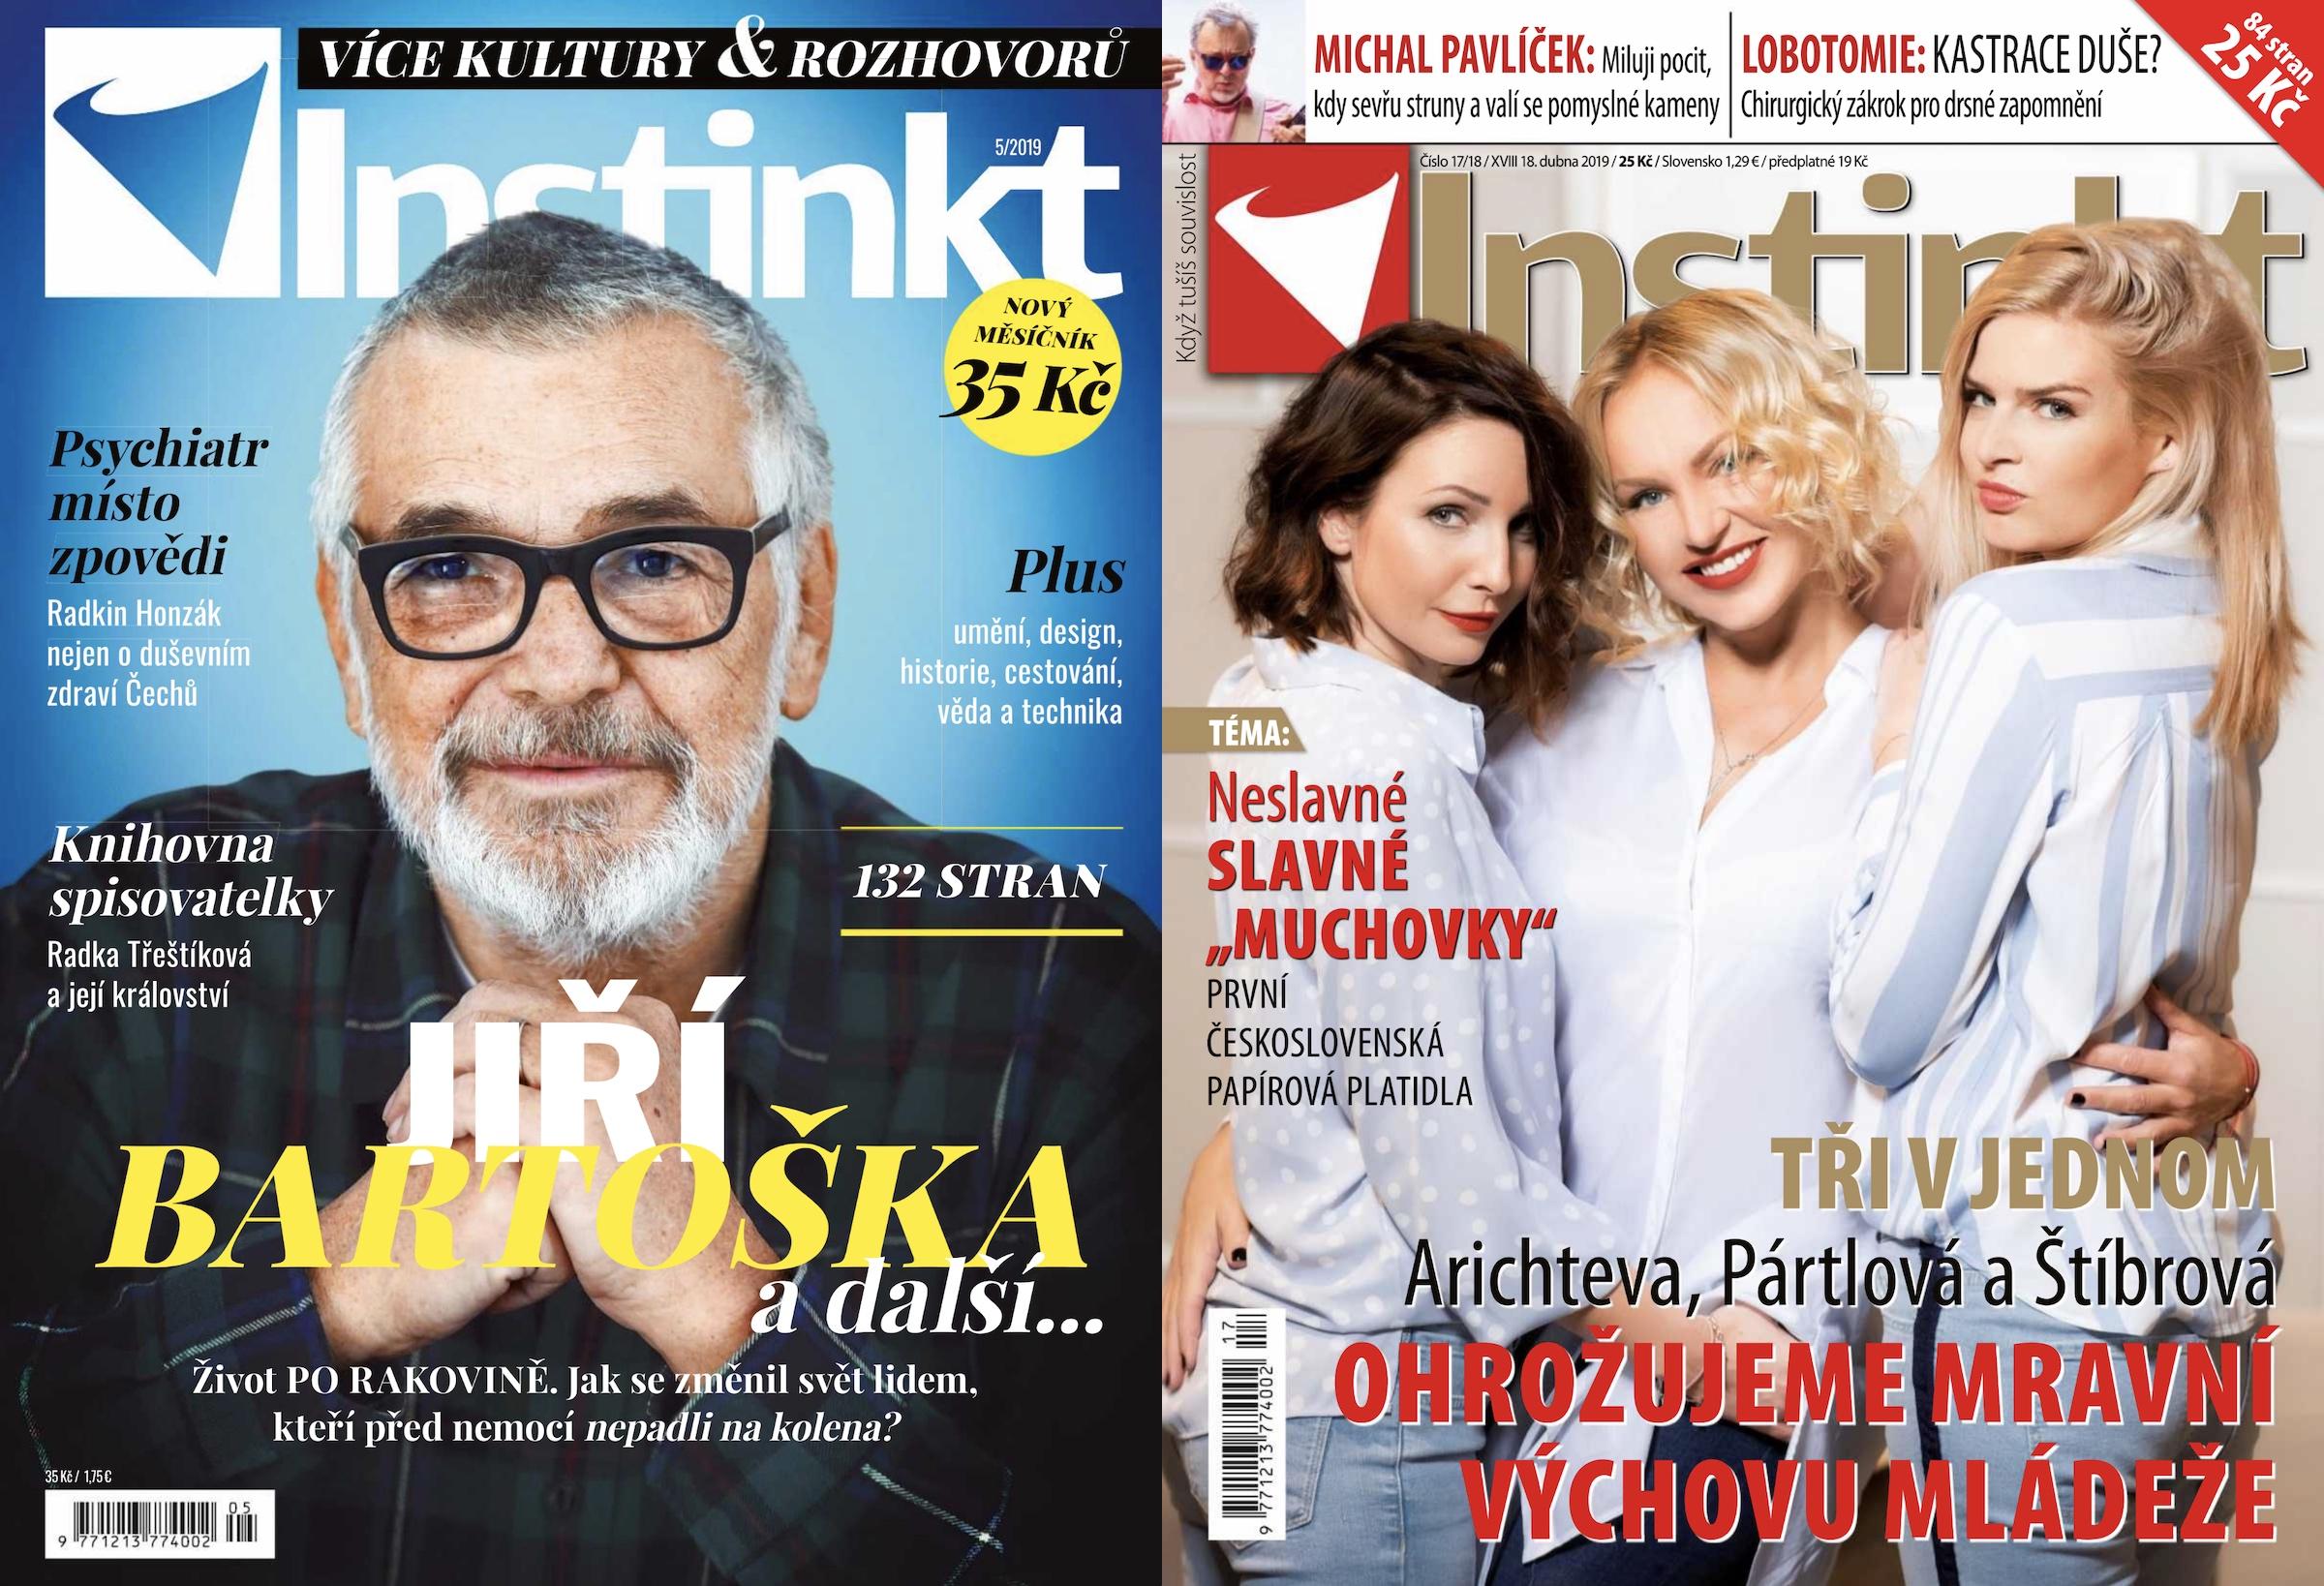 Vlevo první vydání Instinktu coby měsíčníku, vpravo poslední týdeníkové vydání